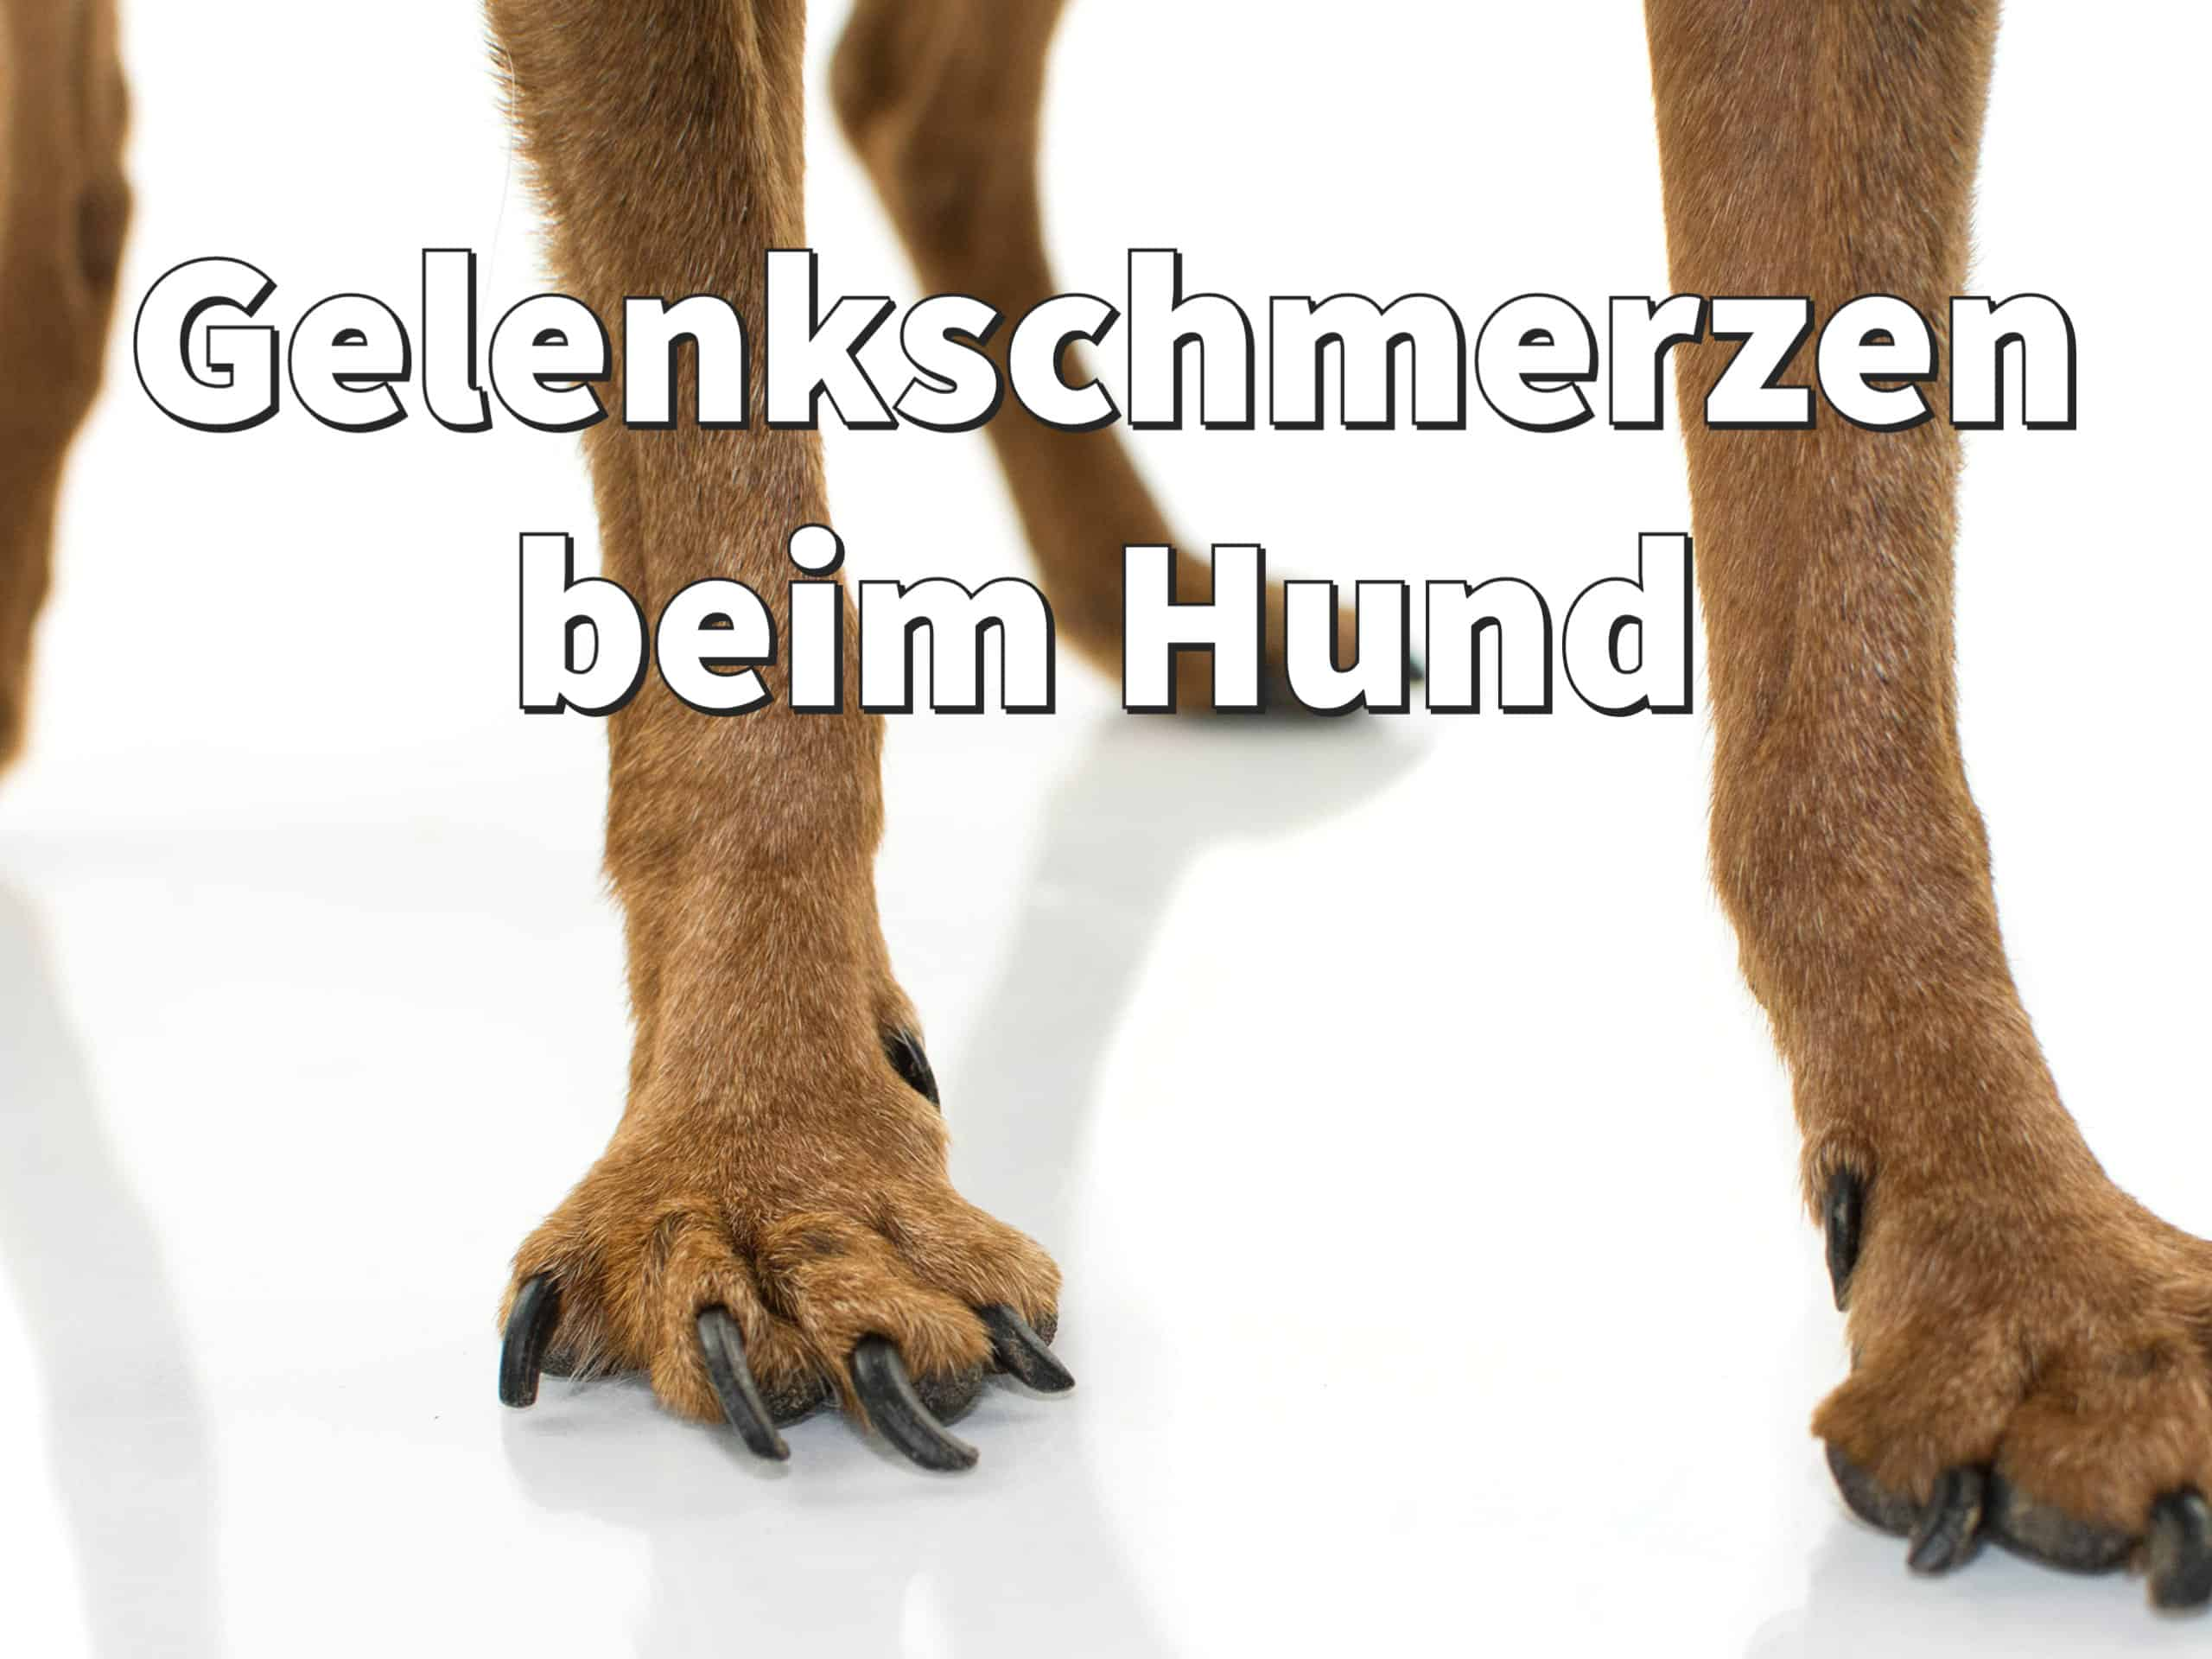 Gelenkschmerzen Hund: Ursachen erkennen und Arthrose lindern